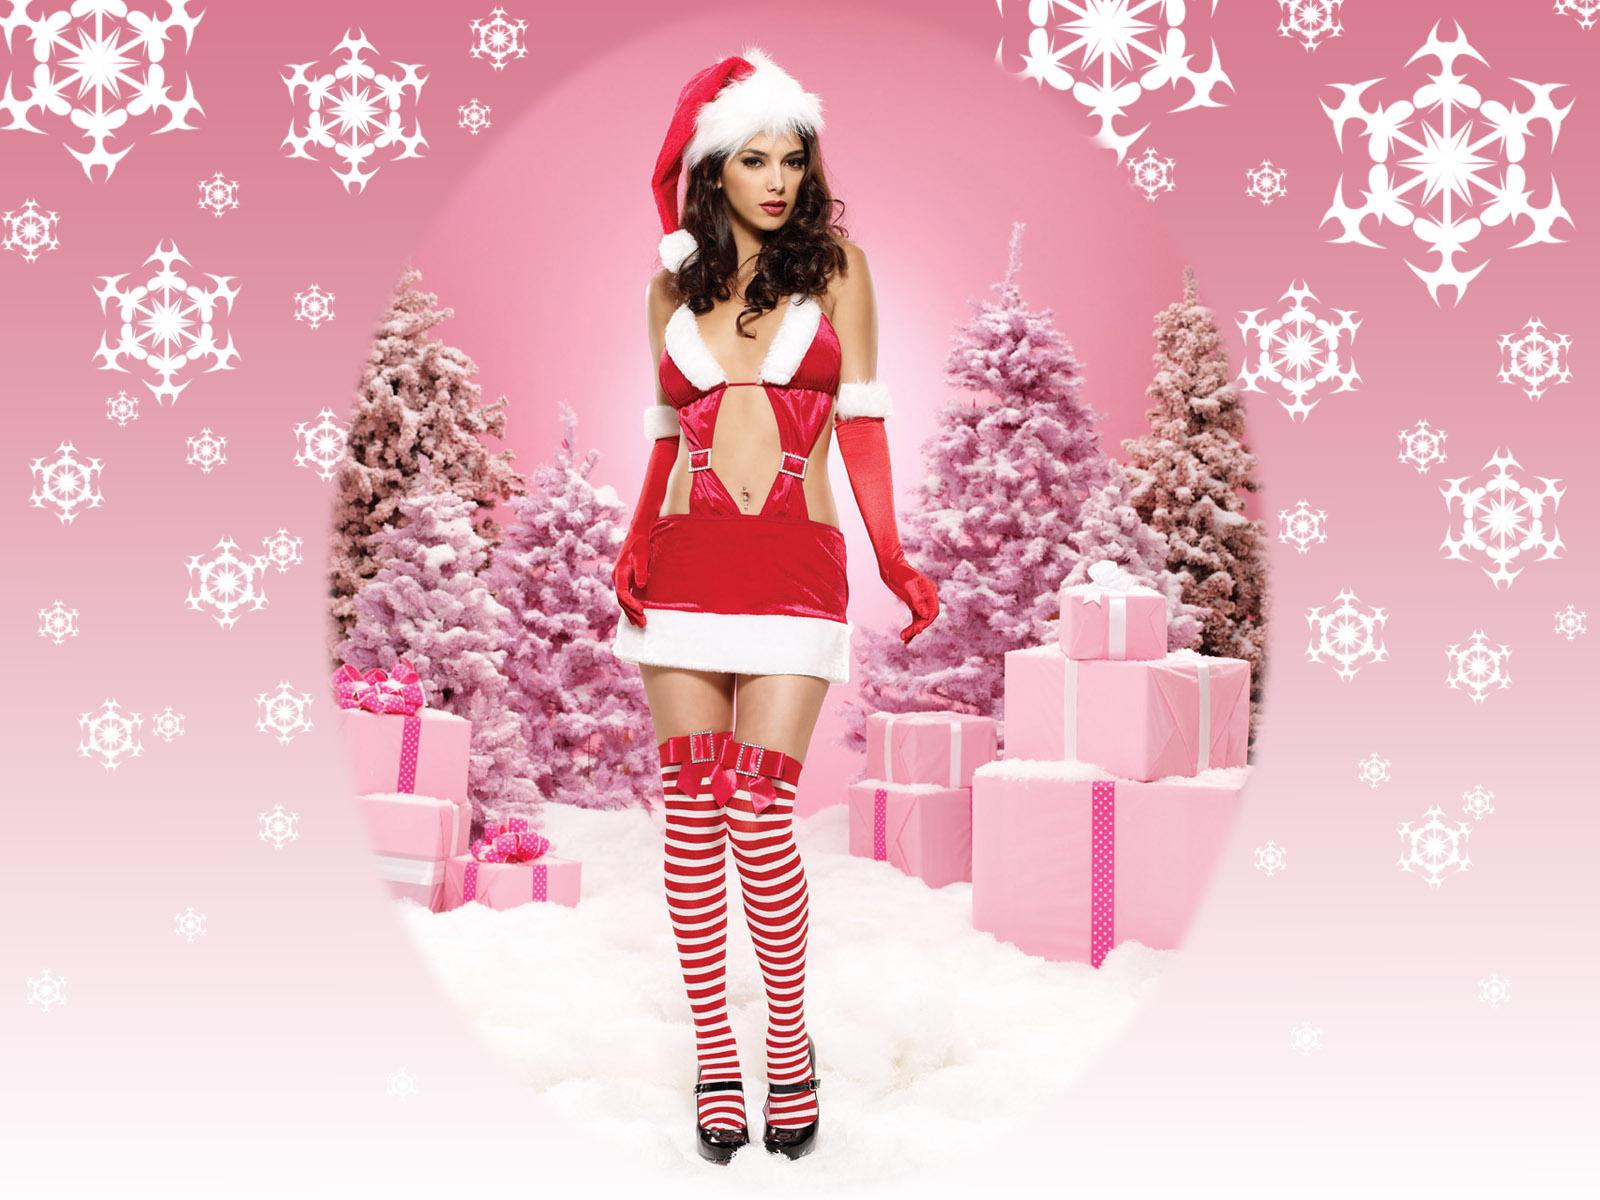 Fondos Mujeres Santa Claus